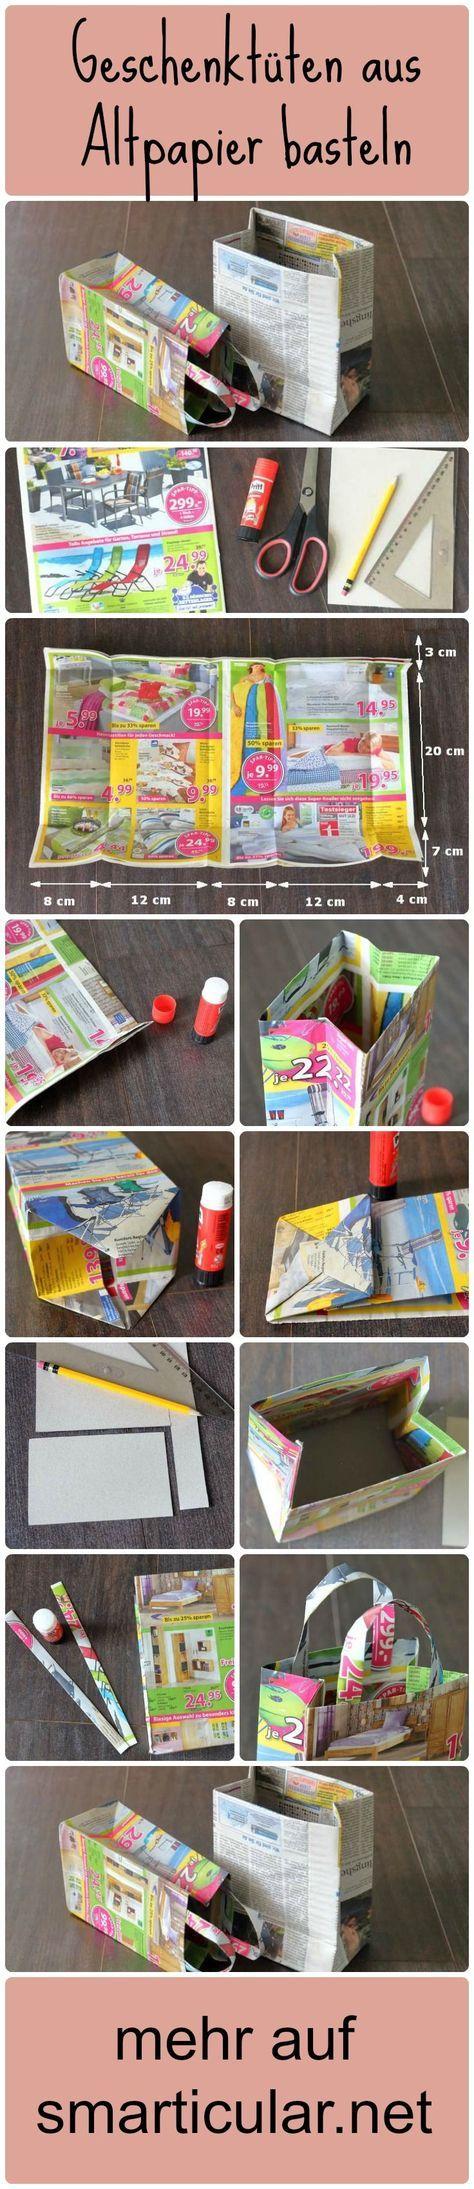 Tolle Bastelidee und noch nützlich - Geschenktüten aus Altpapier basteln - Sieht echt super aus★ Mehr